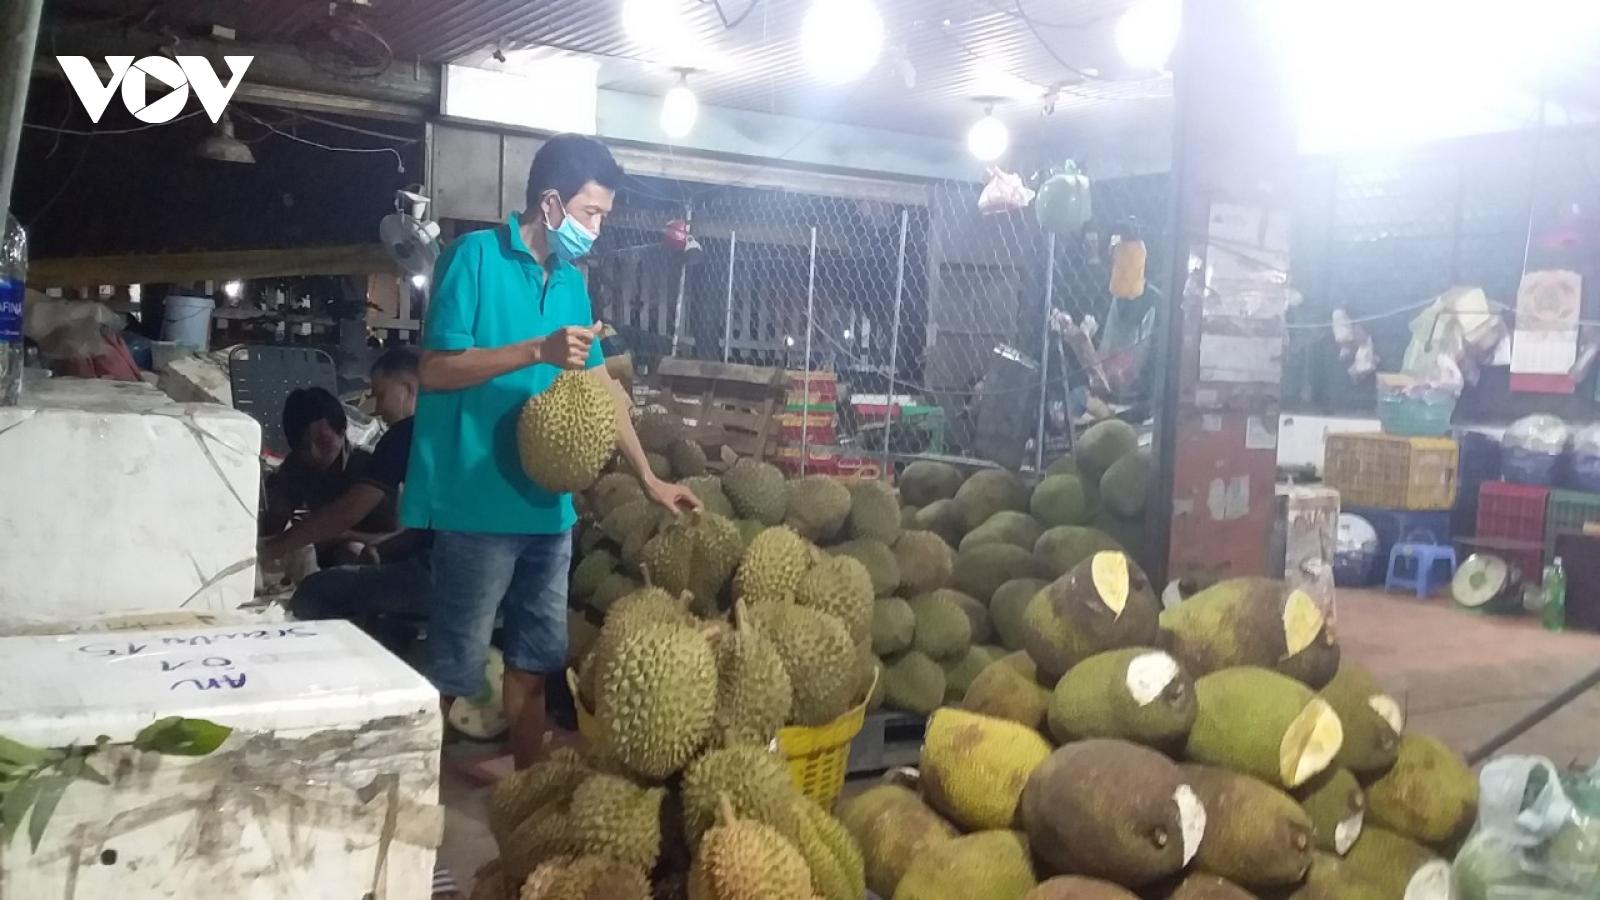 Chợ đầu mối nông sản thực phẩm Hóc Môn, TP.HCM hoạt động trở lại